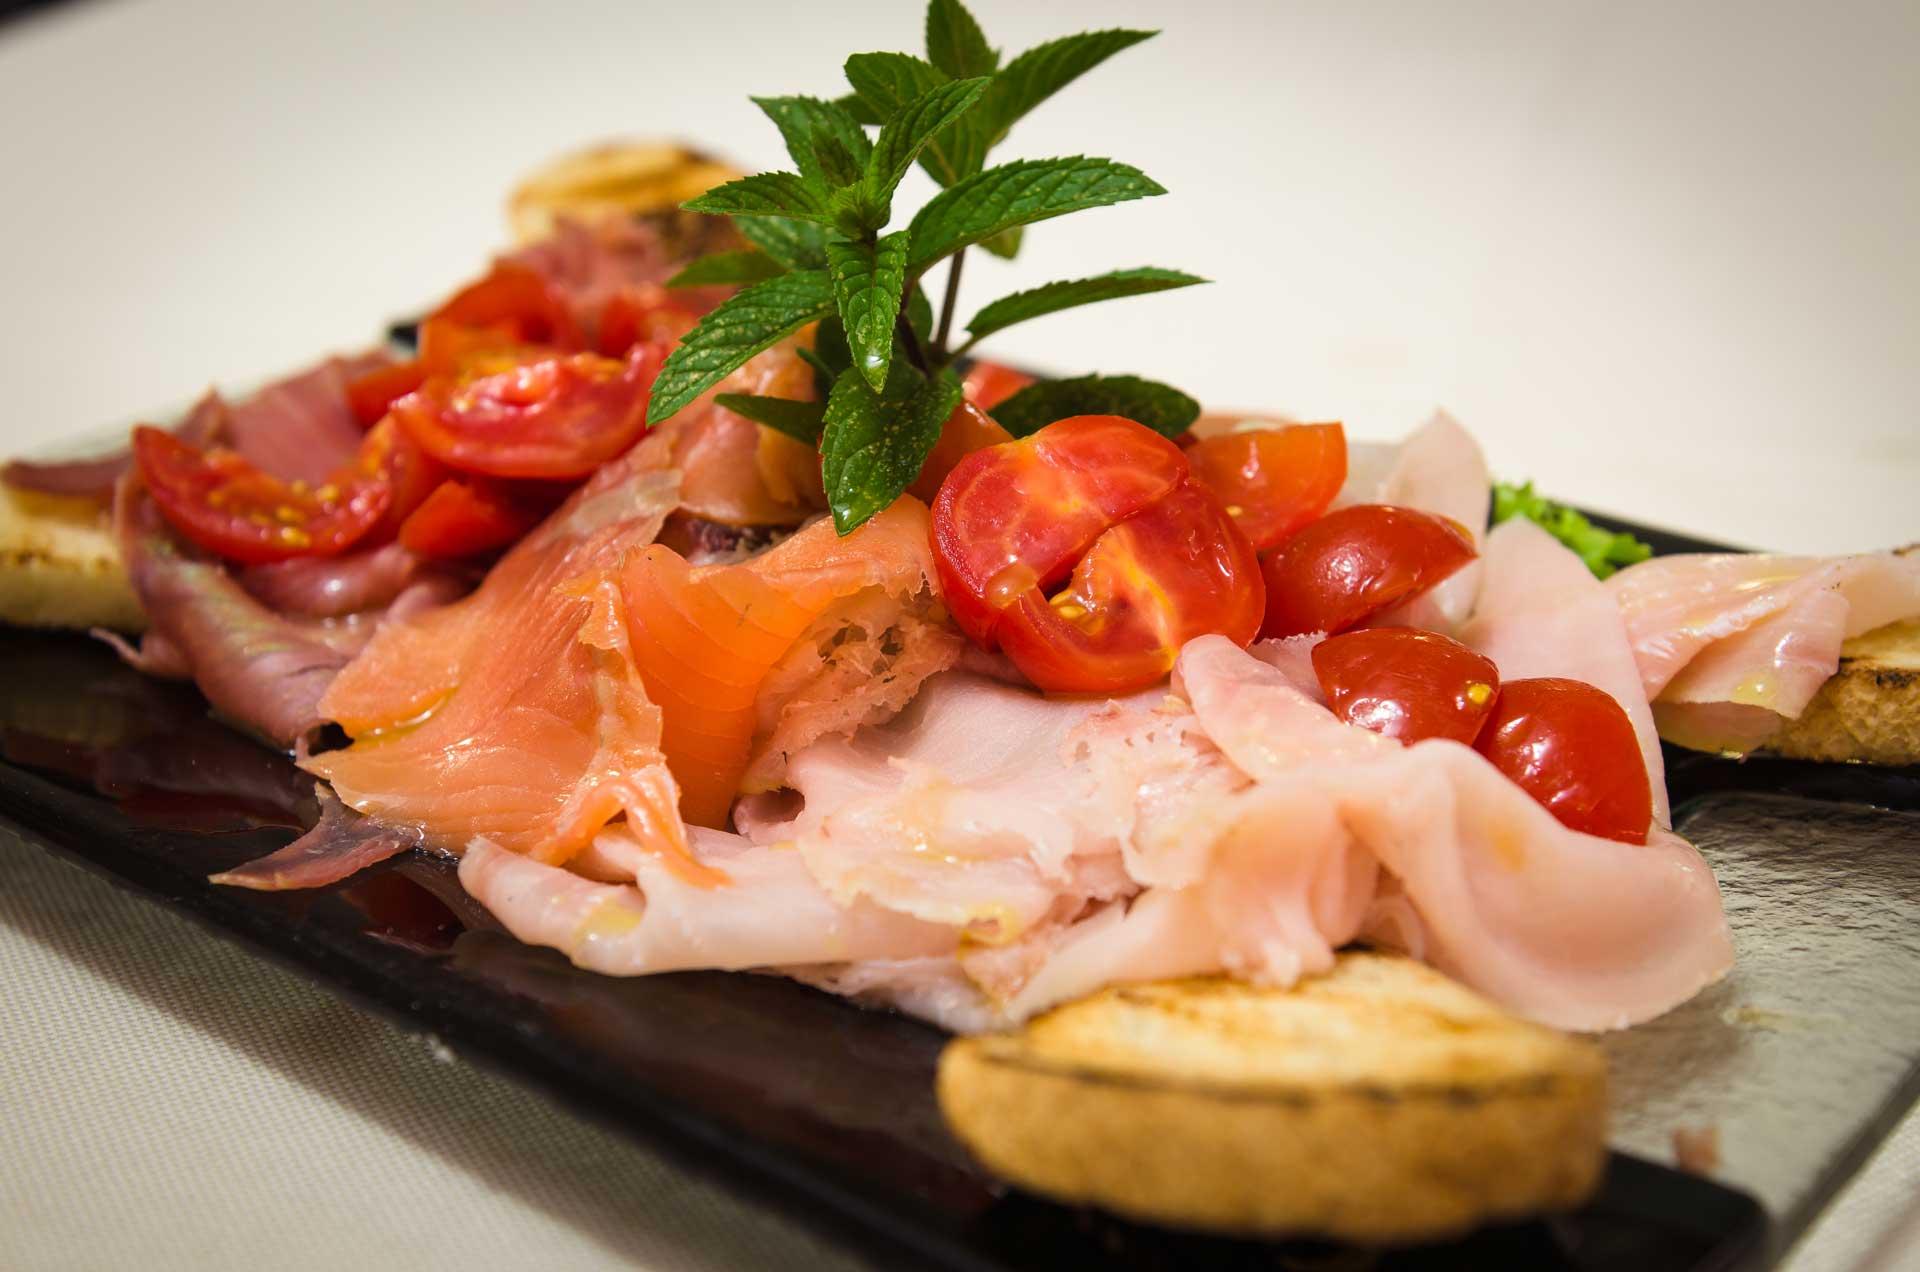 Ristorante pizzeria ferrara cucina tipica perbacco carne for Piatti ristorante